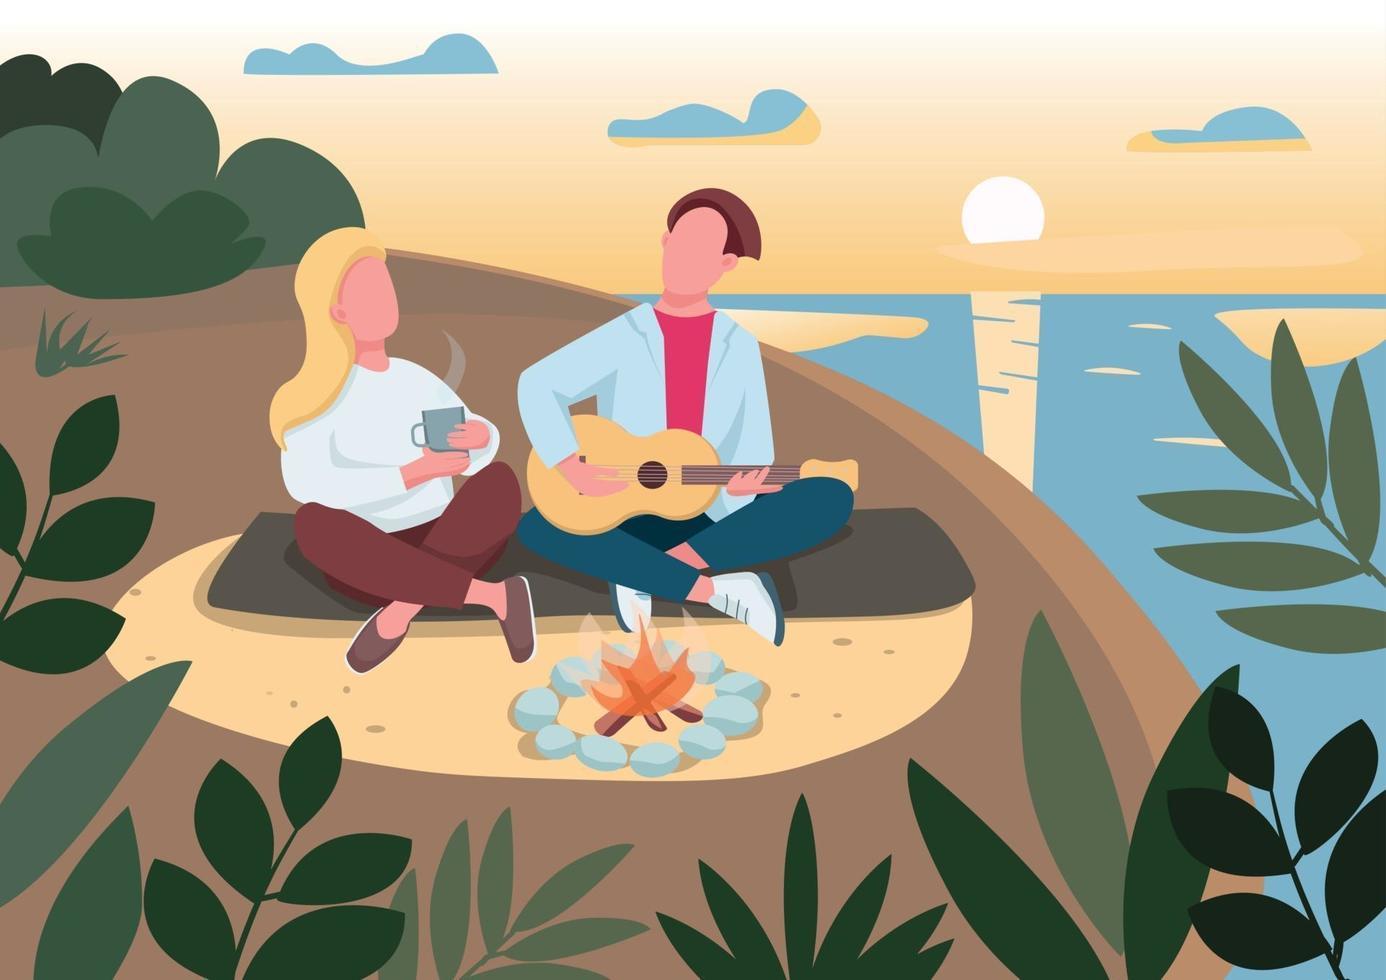 illustration vectorielle de plage pique-nique plat couleur. homme jouant de la guitare. petit ami et petite amie en camping. couple à la date d'été romantique personnages de dessins animés 2d avec mer et coucher de soleil sur fond vecteur